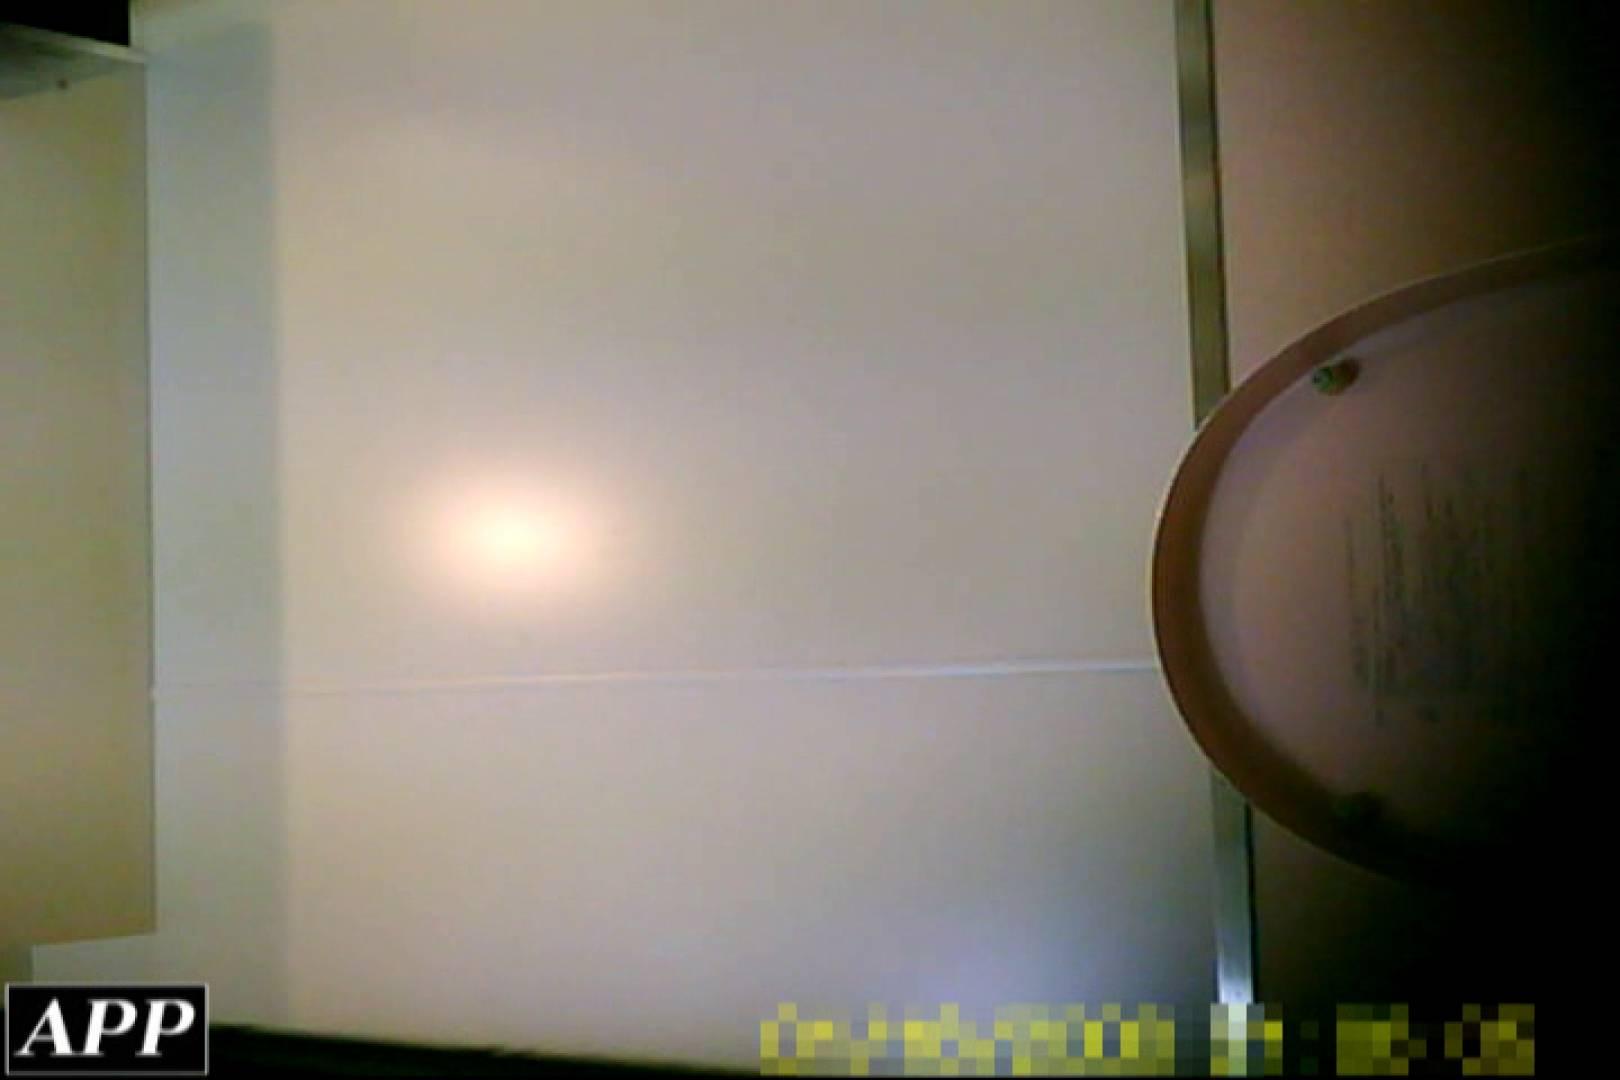 3視点洗面所 vol.09 肛門 オメコ動画キャプチャ 99枚 59